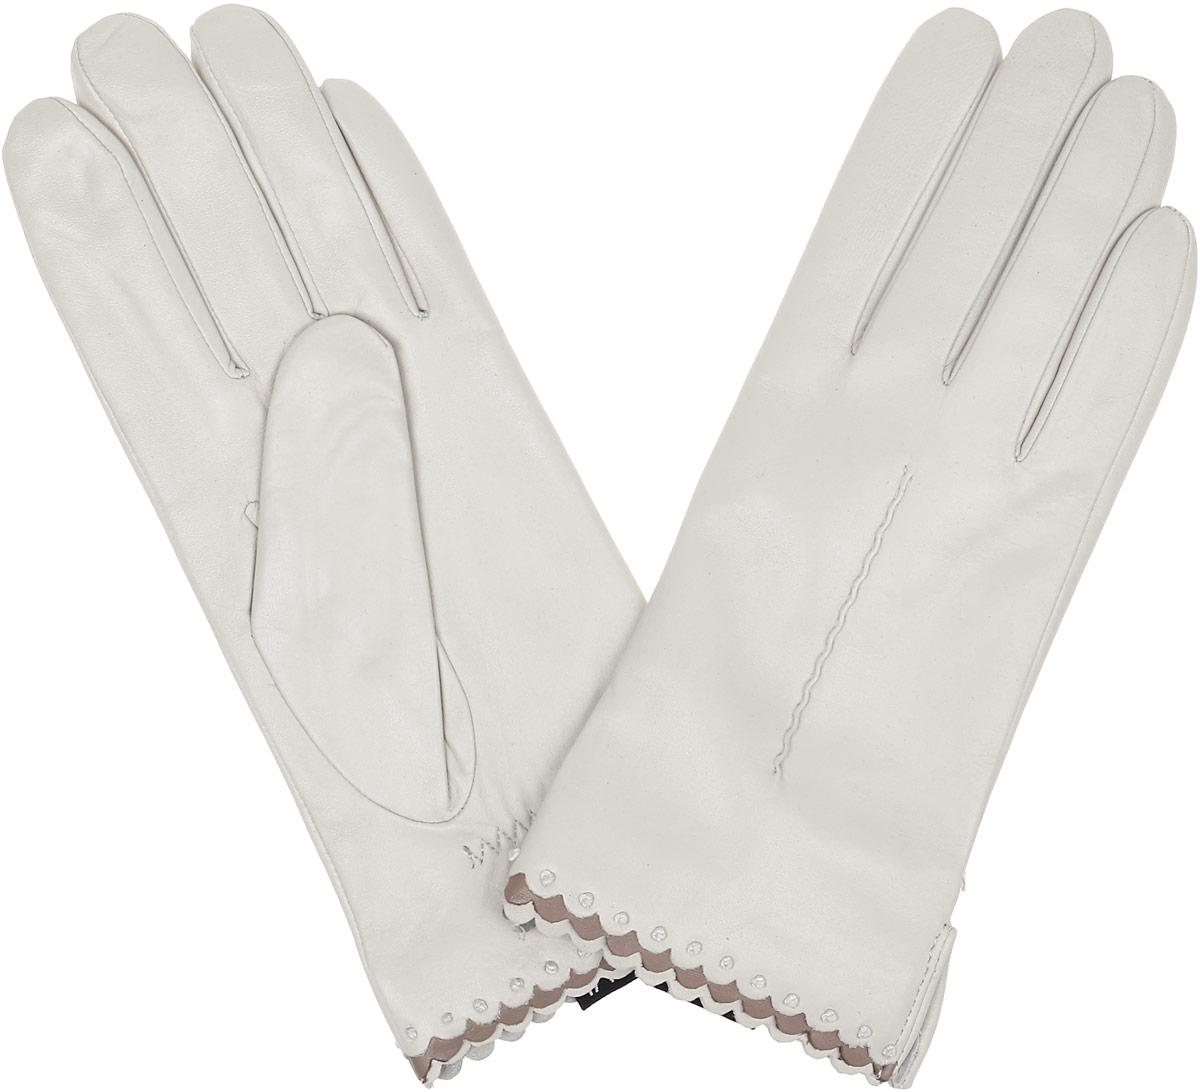 Перчатки женские Fabretti, цвет: молочный. 2.80-5. Размер 6,52.80-5 beigeСтильные женские перчатки Fabretti не только защитят ваши руки, но и станут великолепным украшением. Перчатки выполнены из натуральной кожи ягненка, а их подкладка - из высококачественной шерсти с добавлением кашемира.Модель оформлена оригинальной каймой и строчками-стежками на запястье.Стильный аксессуар для повседневного образа.